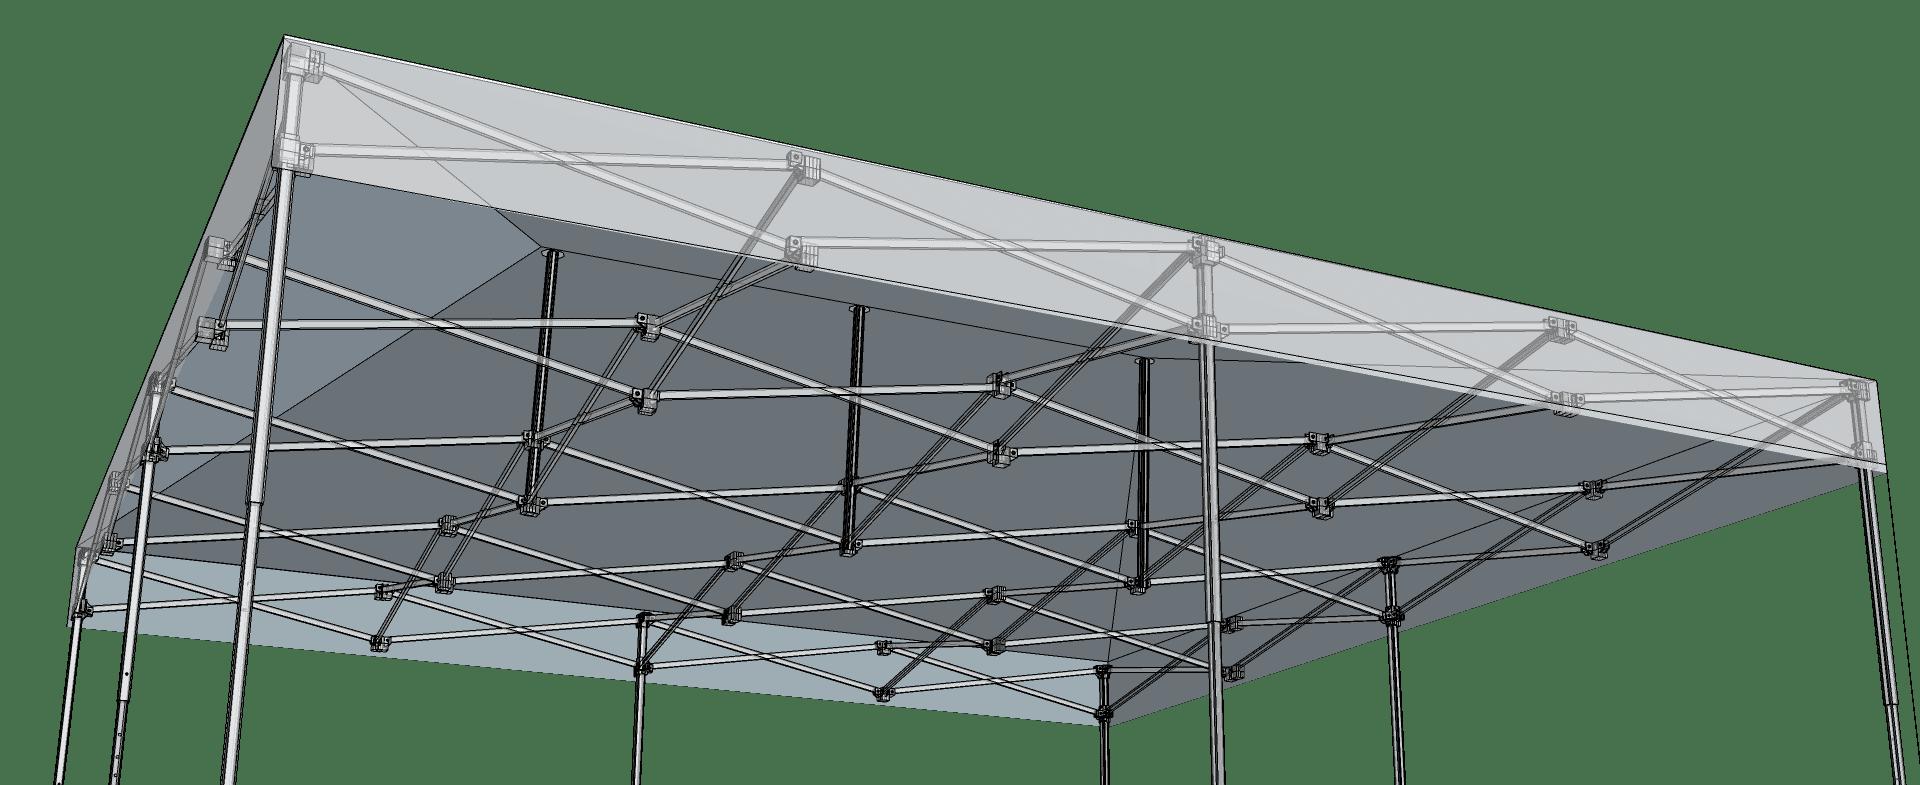 scherengitter-faltzelt-6x6m